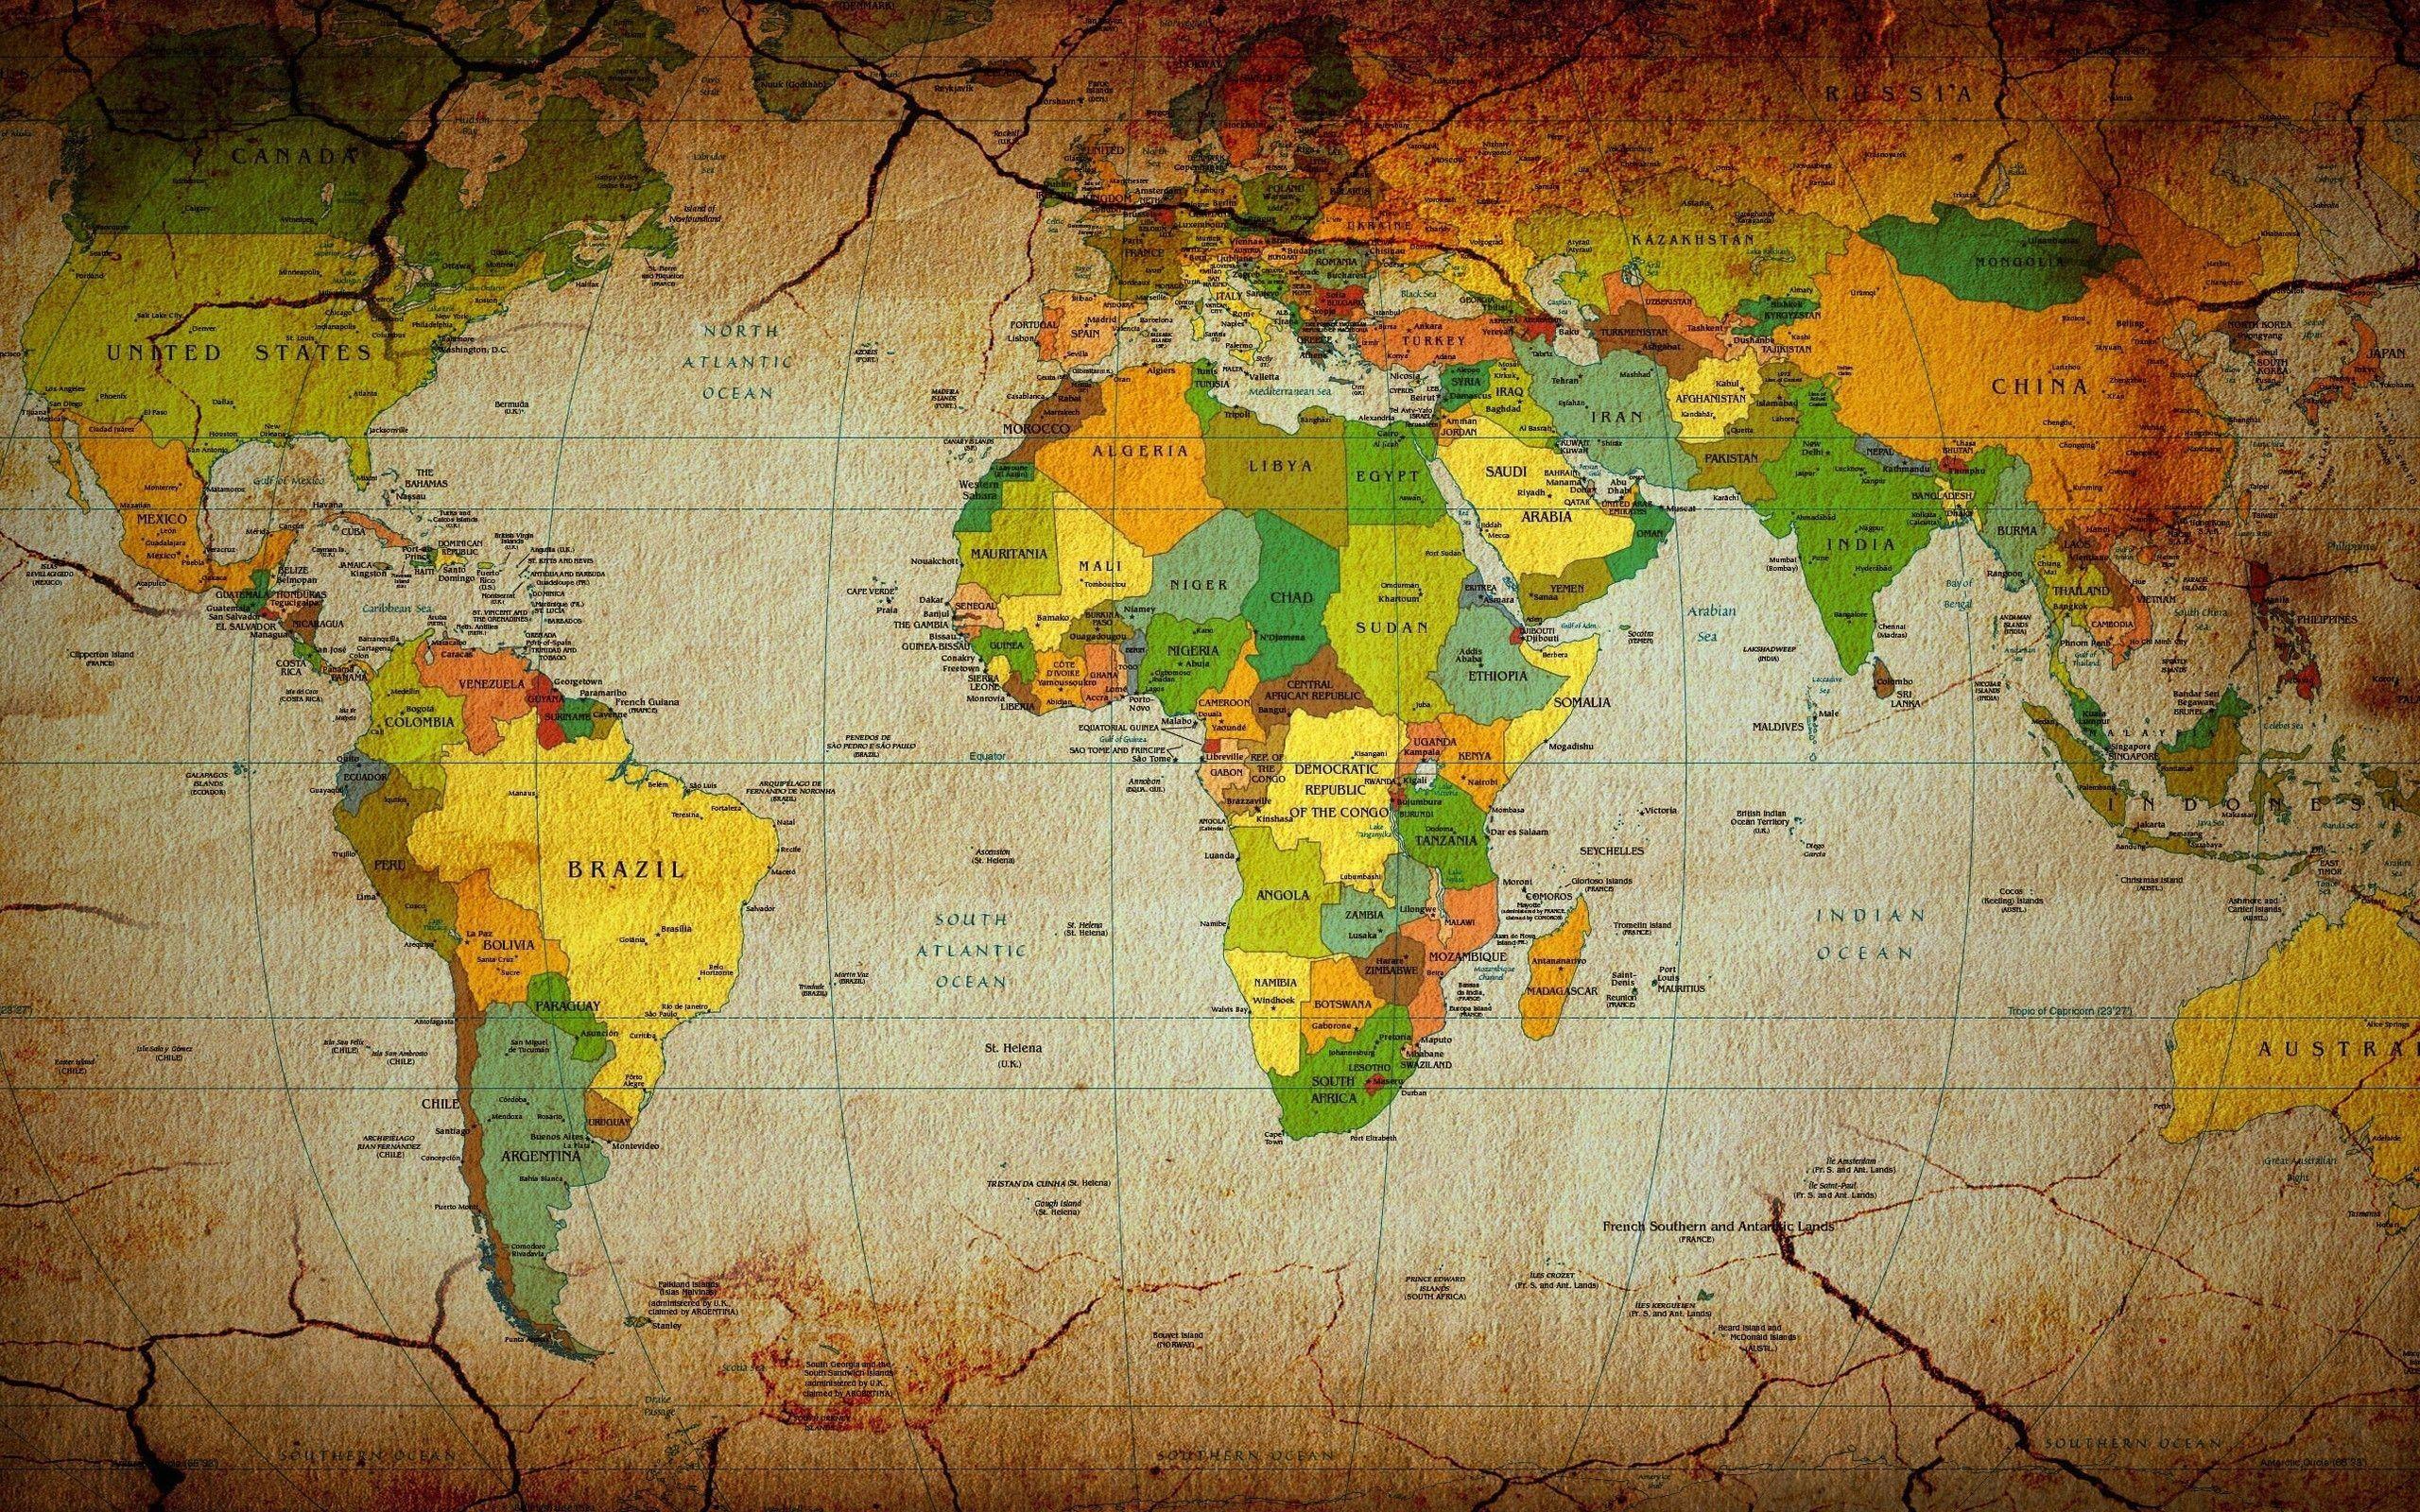 3d World Map Hd Wallpaper New Best World Map Image Hd Wallpaper Refrence 3d World Map Hd Wallpaper Best M Color World Map World Map Picture World Map Wallpaper